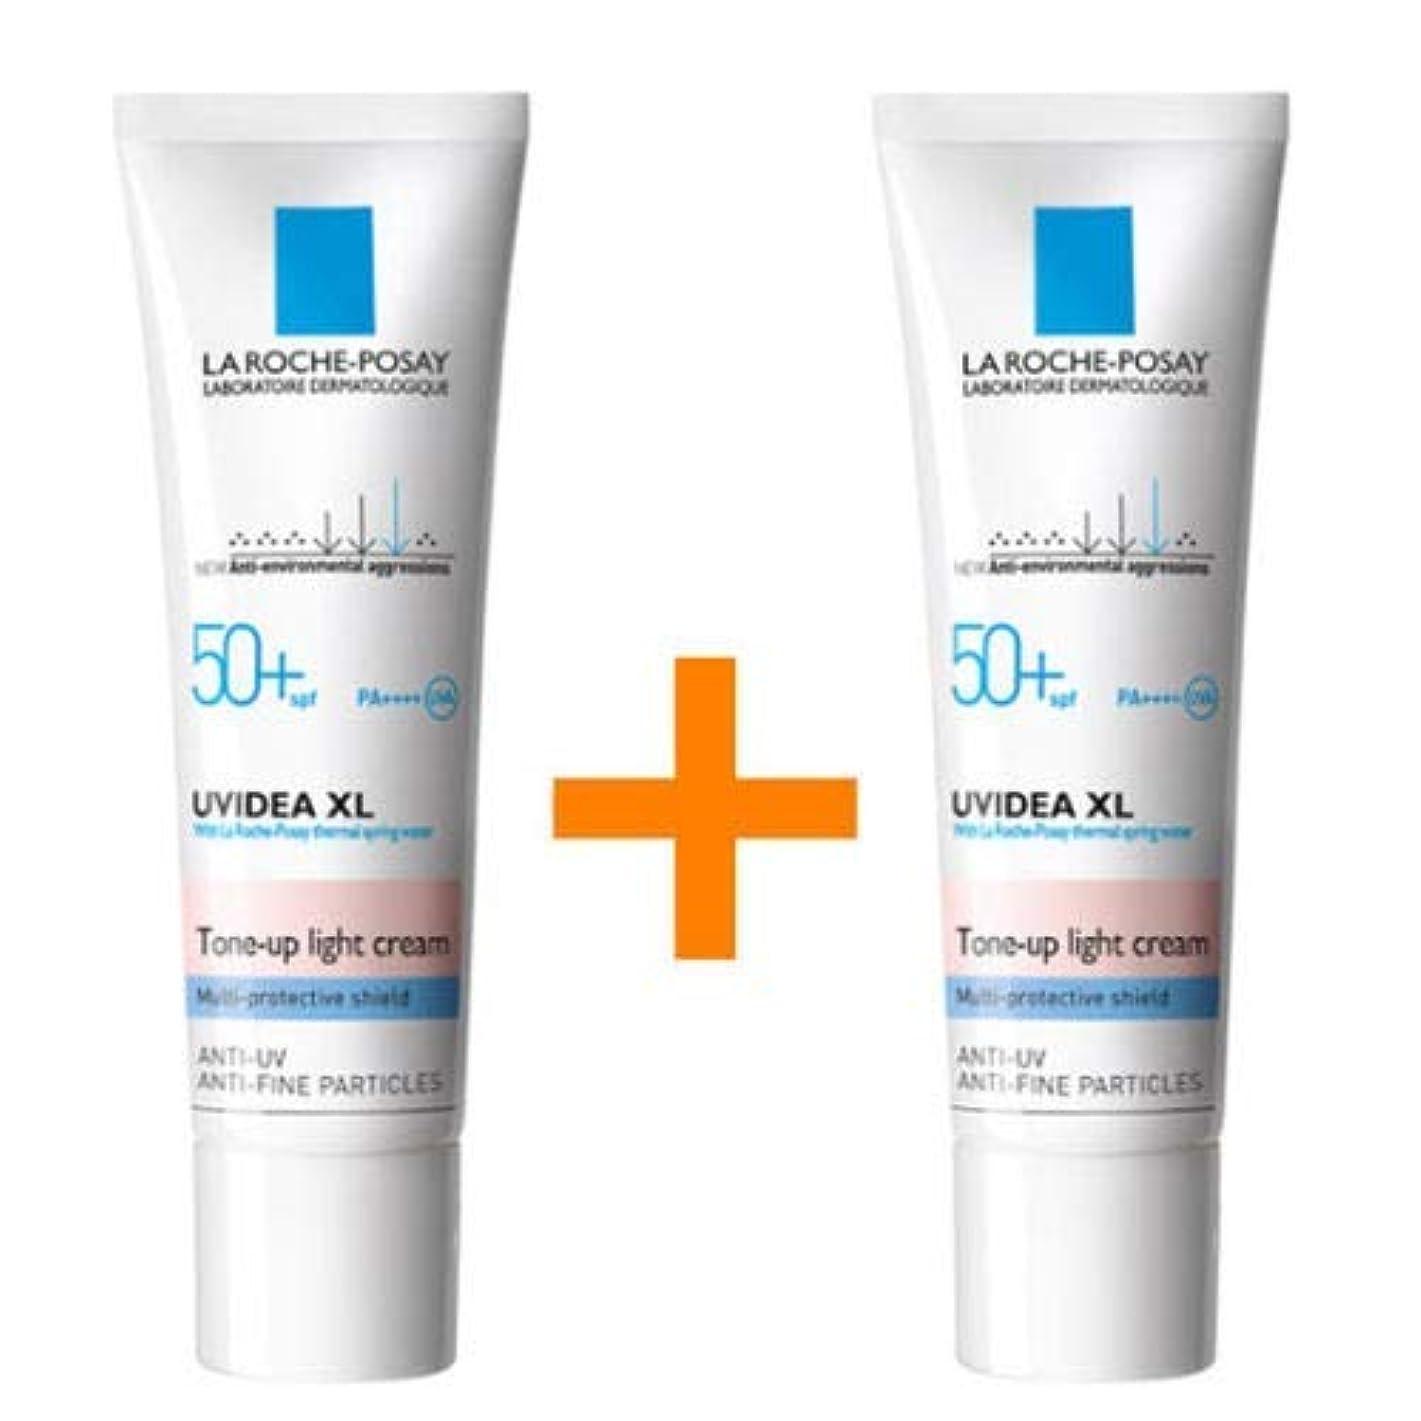 絶望的な割る説明する[ 1 + 1 ] La Roche-Posay ラロッシュポゼ UVイデア XL プロテクショントーンアップ Uvidea XL Tone-up Light Cream (30ml)